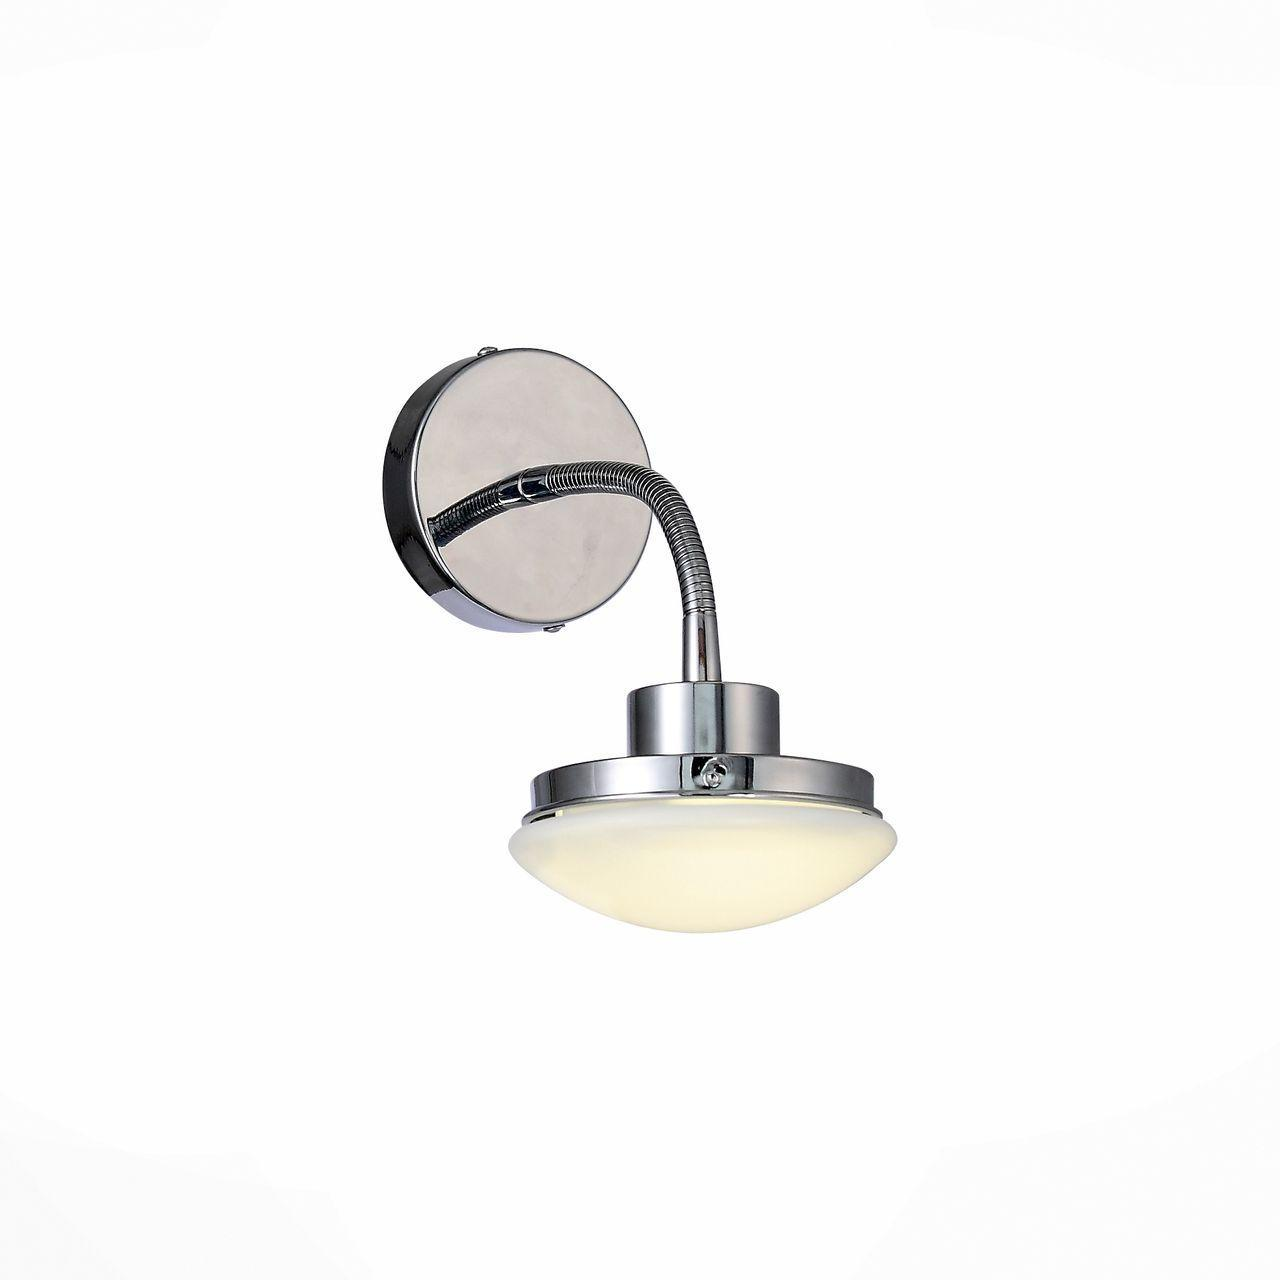 Светодиодный спот ST Luce Pratico SLE120.101.01 светодиодный спот st luce pratico sle120 101 01